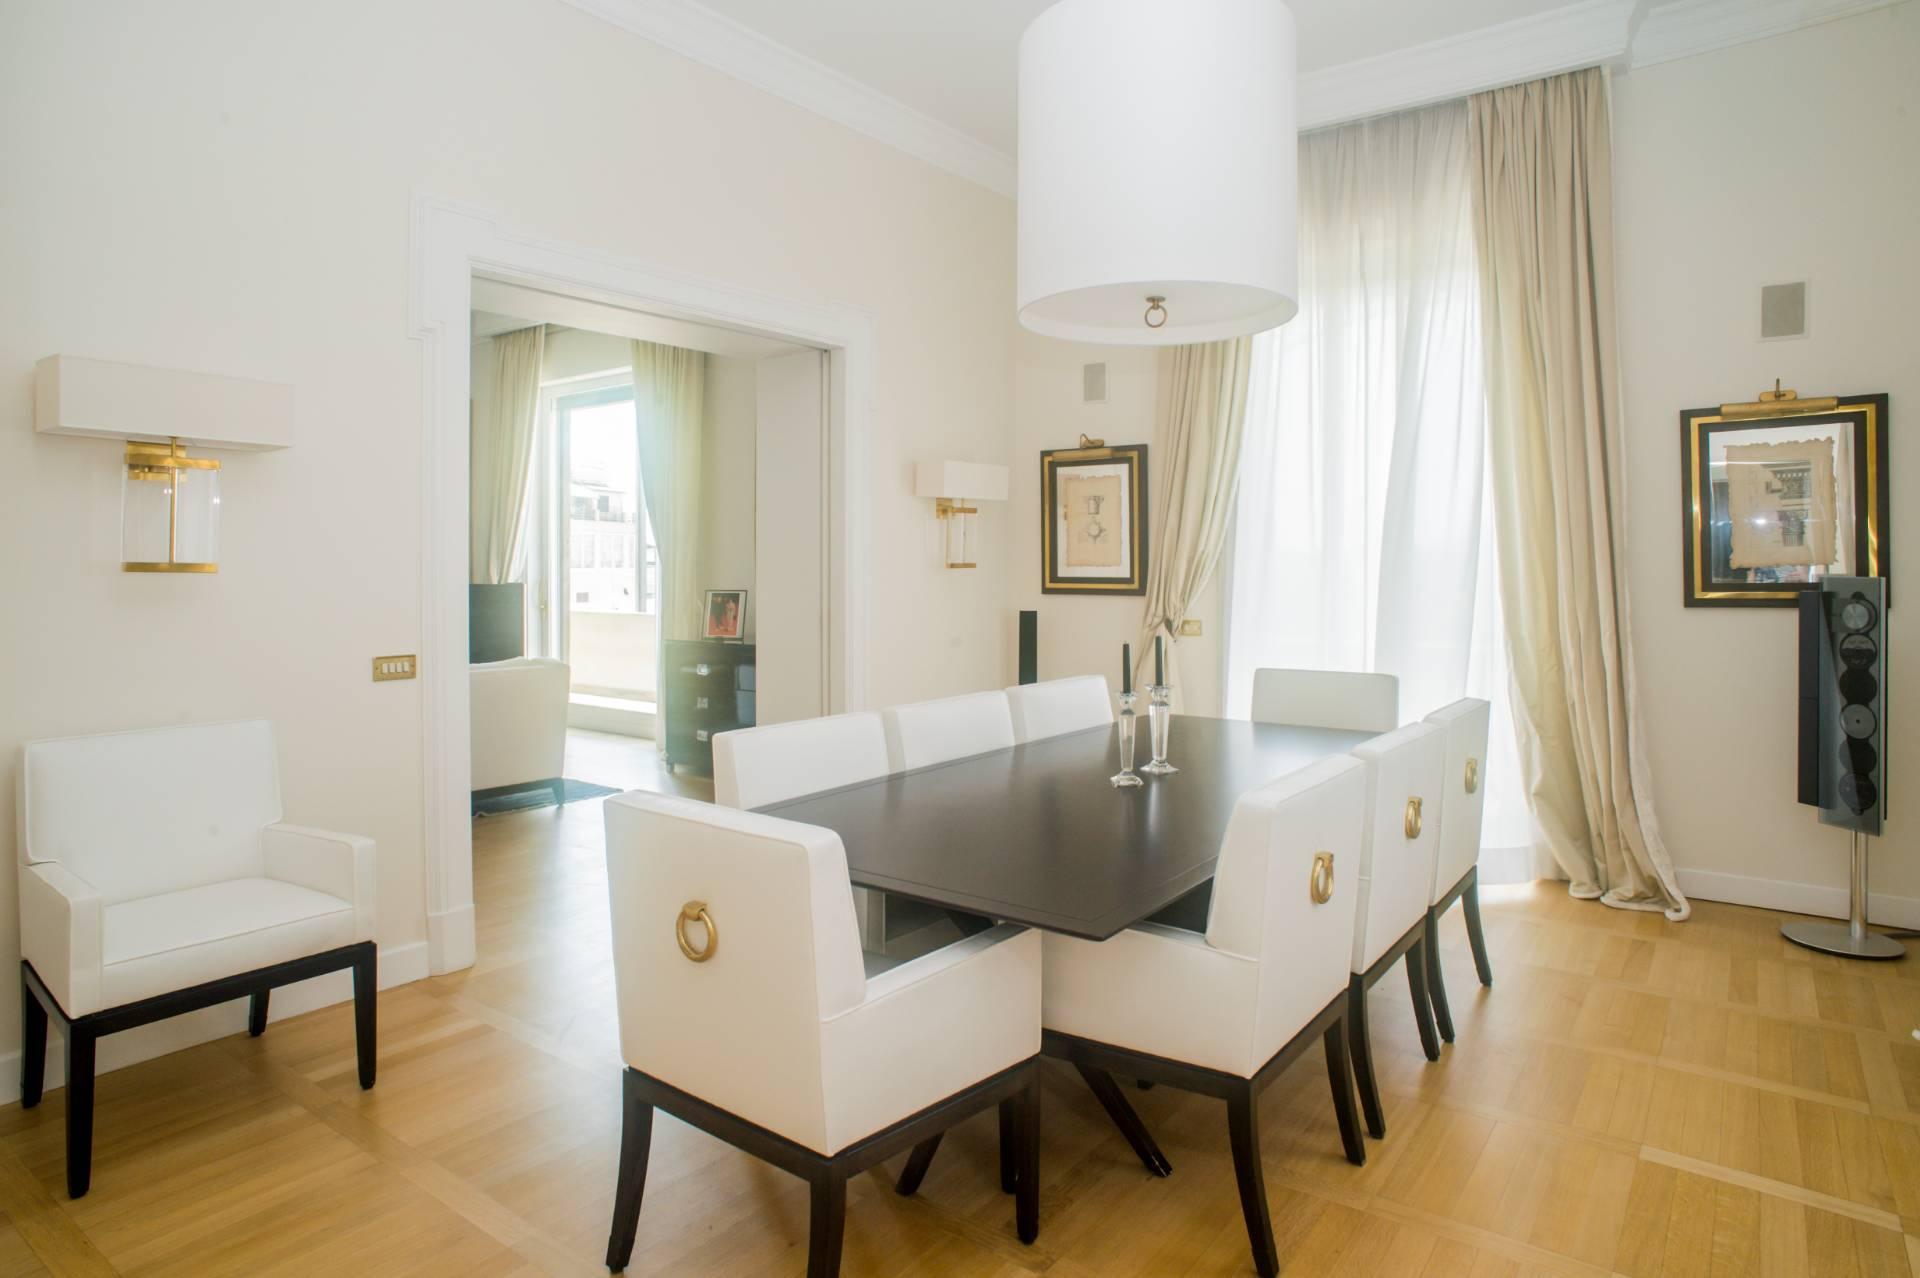 Appartamento in affitto a roma cod v44 28 for Appartamento affitto arredato roma